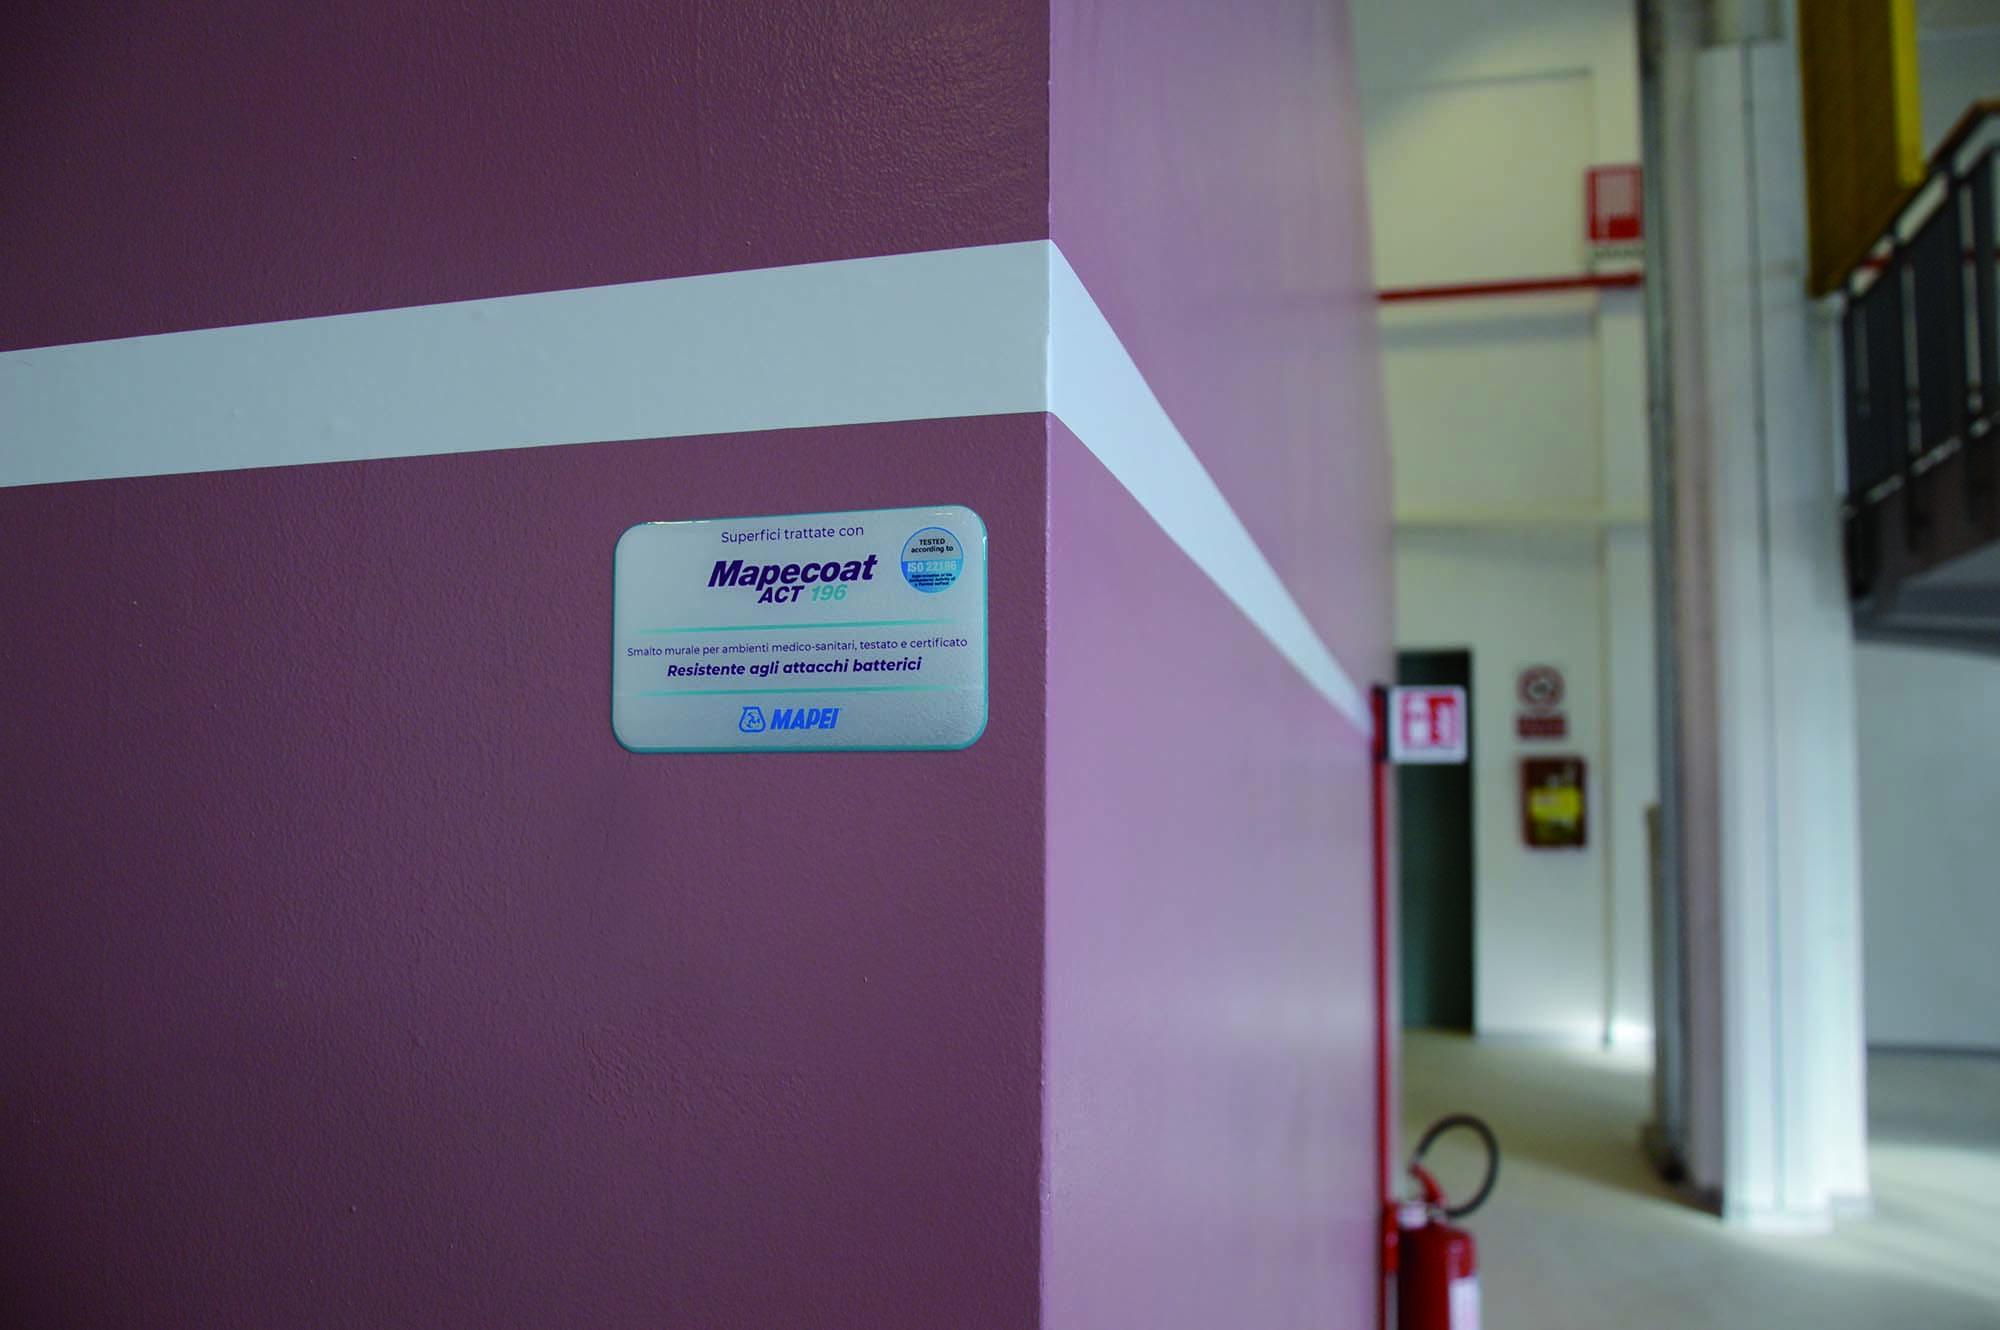 MAPECOAT ACT 196,  smalto murale per interni, idoneo all'utilizzo in ambienti sanitari - Soluzioni Mapei per Ospedale Covid alla Fiera del Levante di Bari